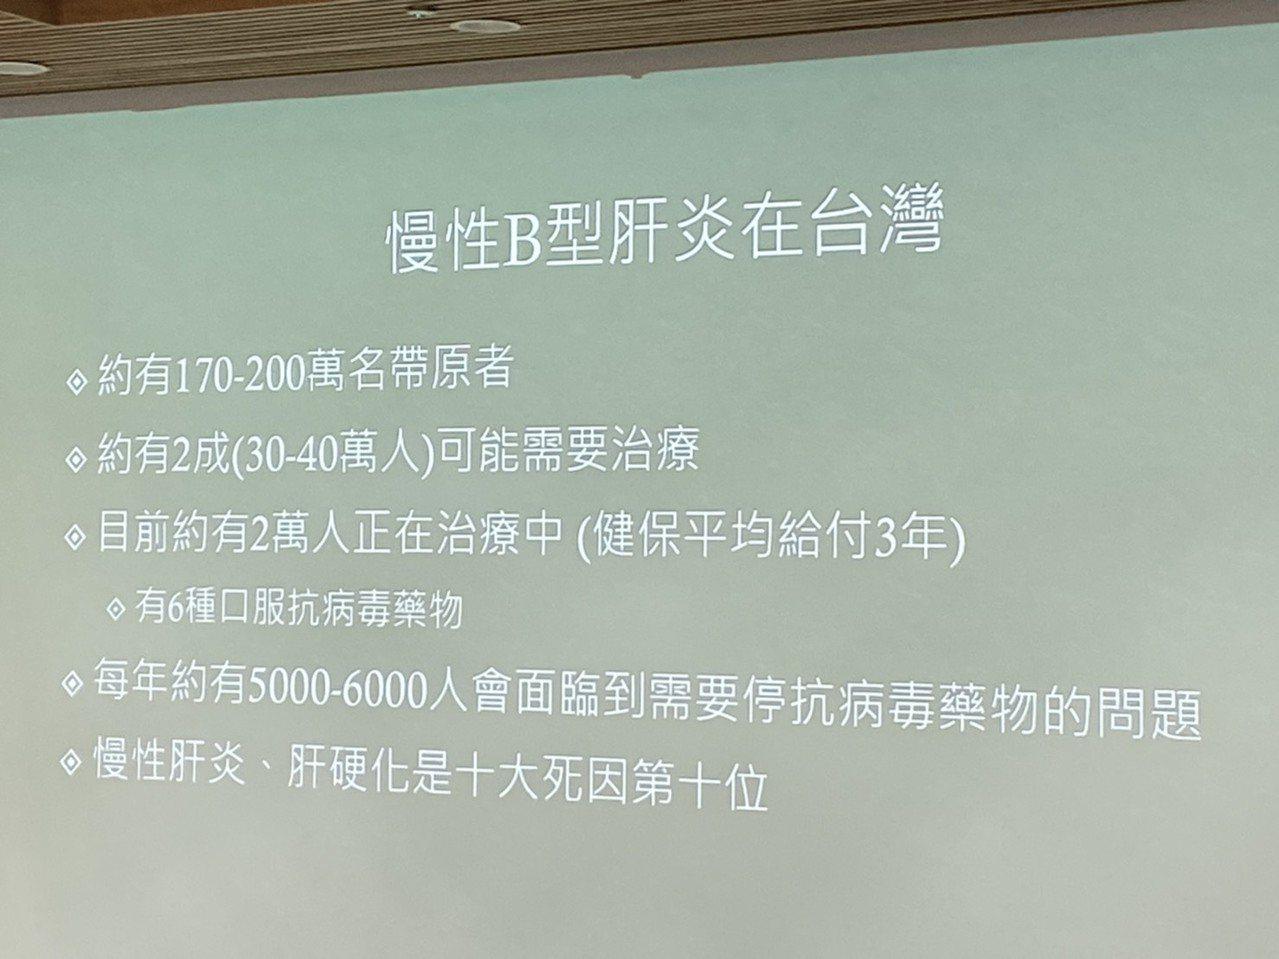 台大醫院內科部醫師蘇東弘表示,據統計,慢性肝炎、肝硬化是國人十大死因第十位。目前...